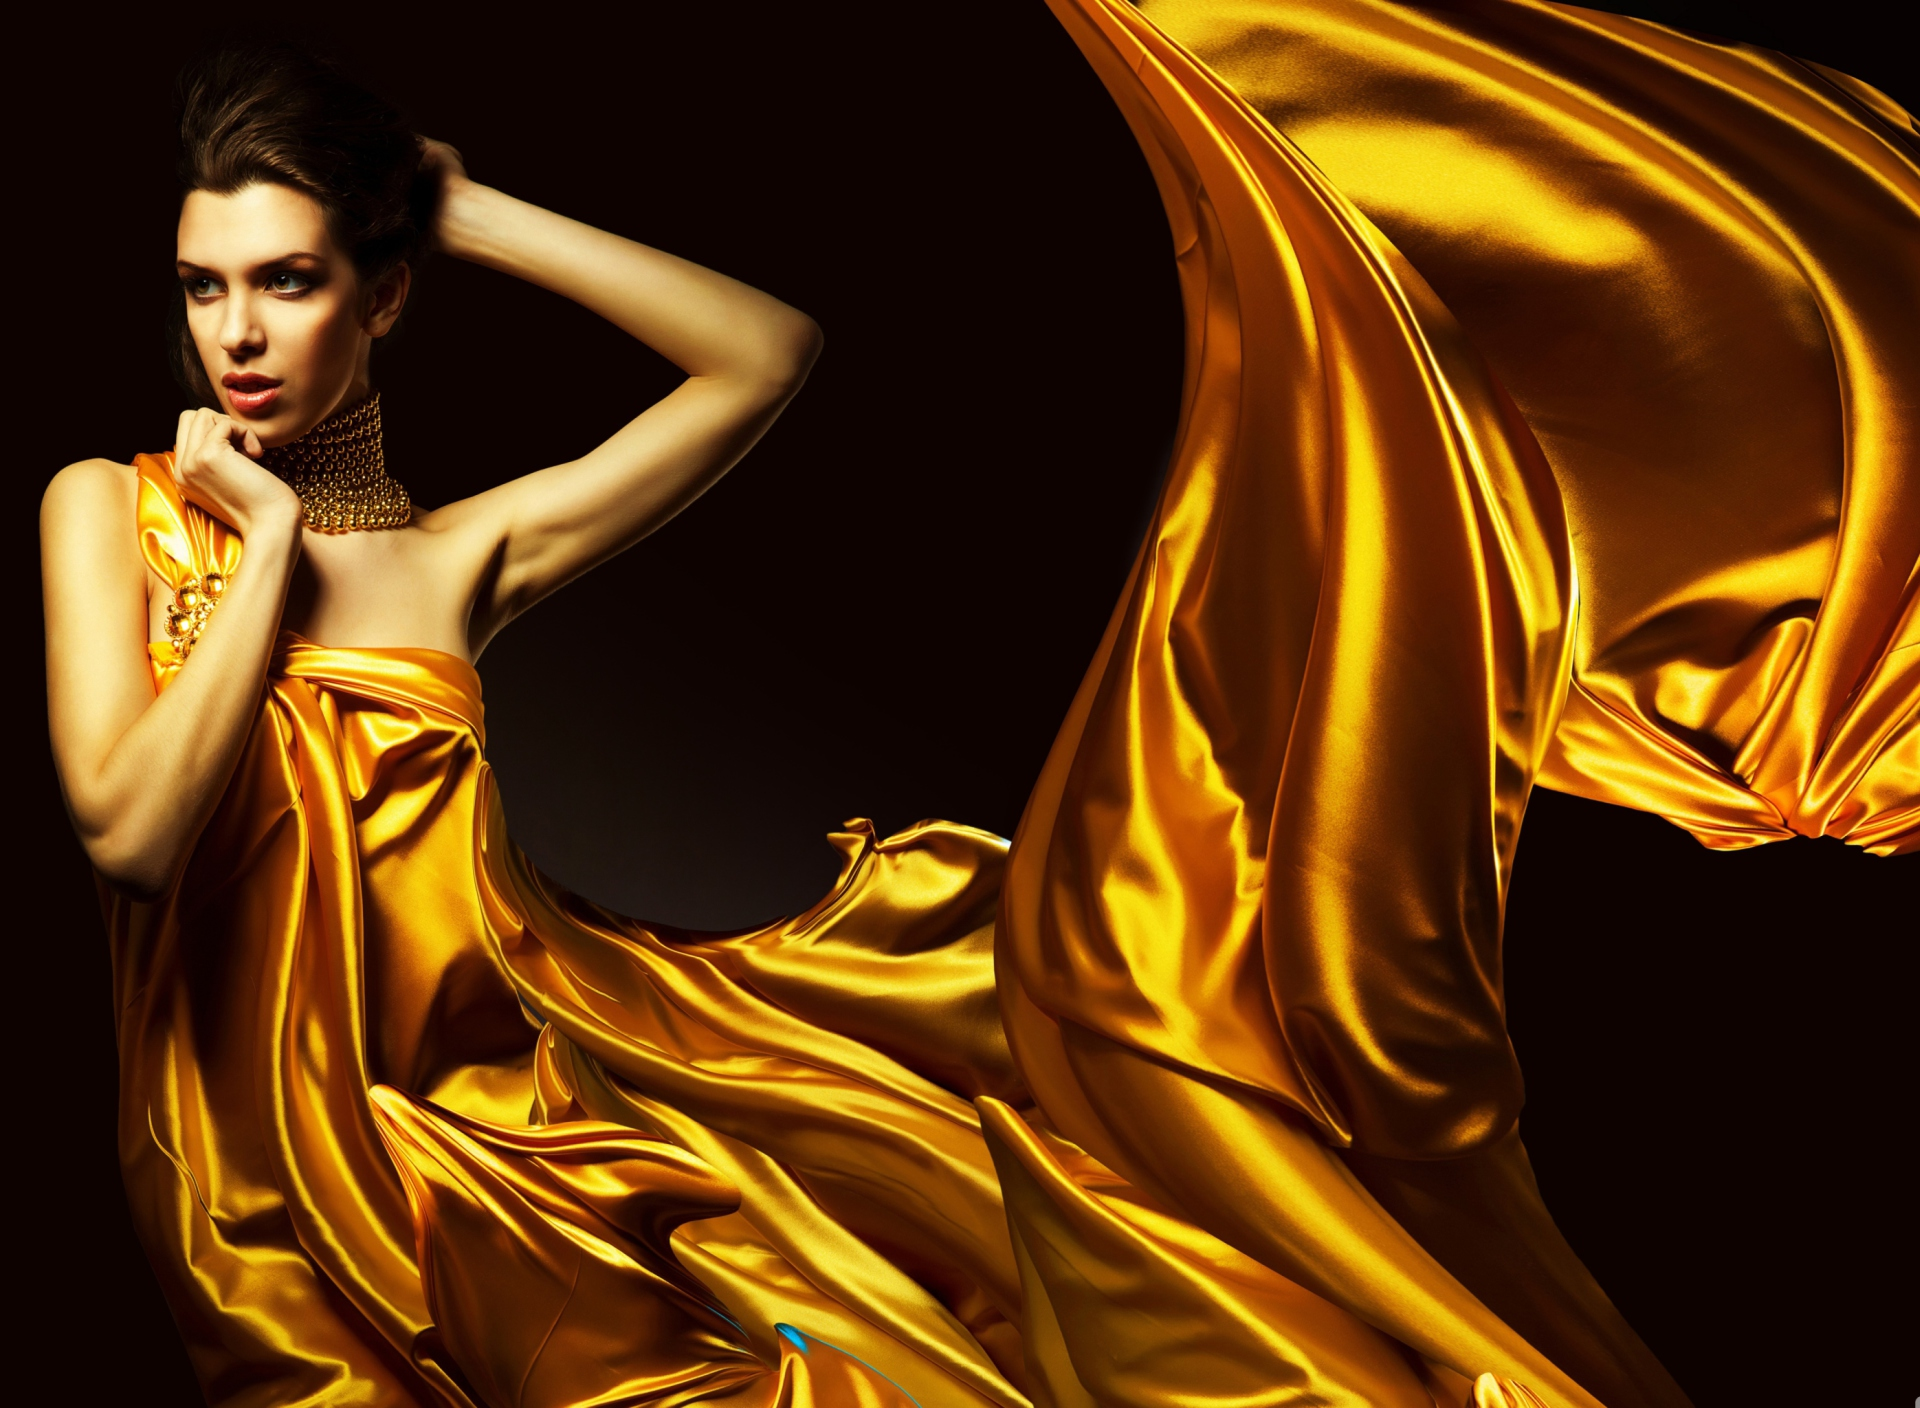 Девушка синий желтый платье бесплатно